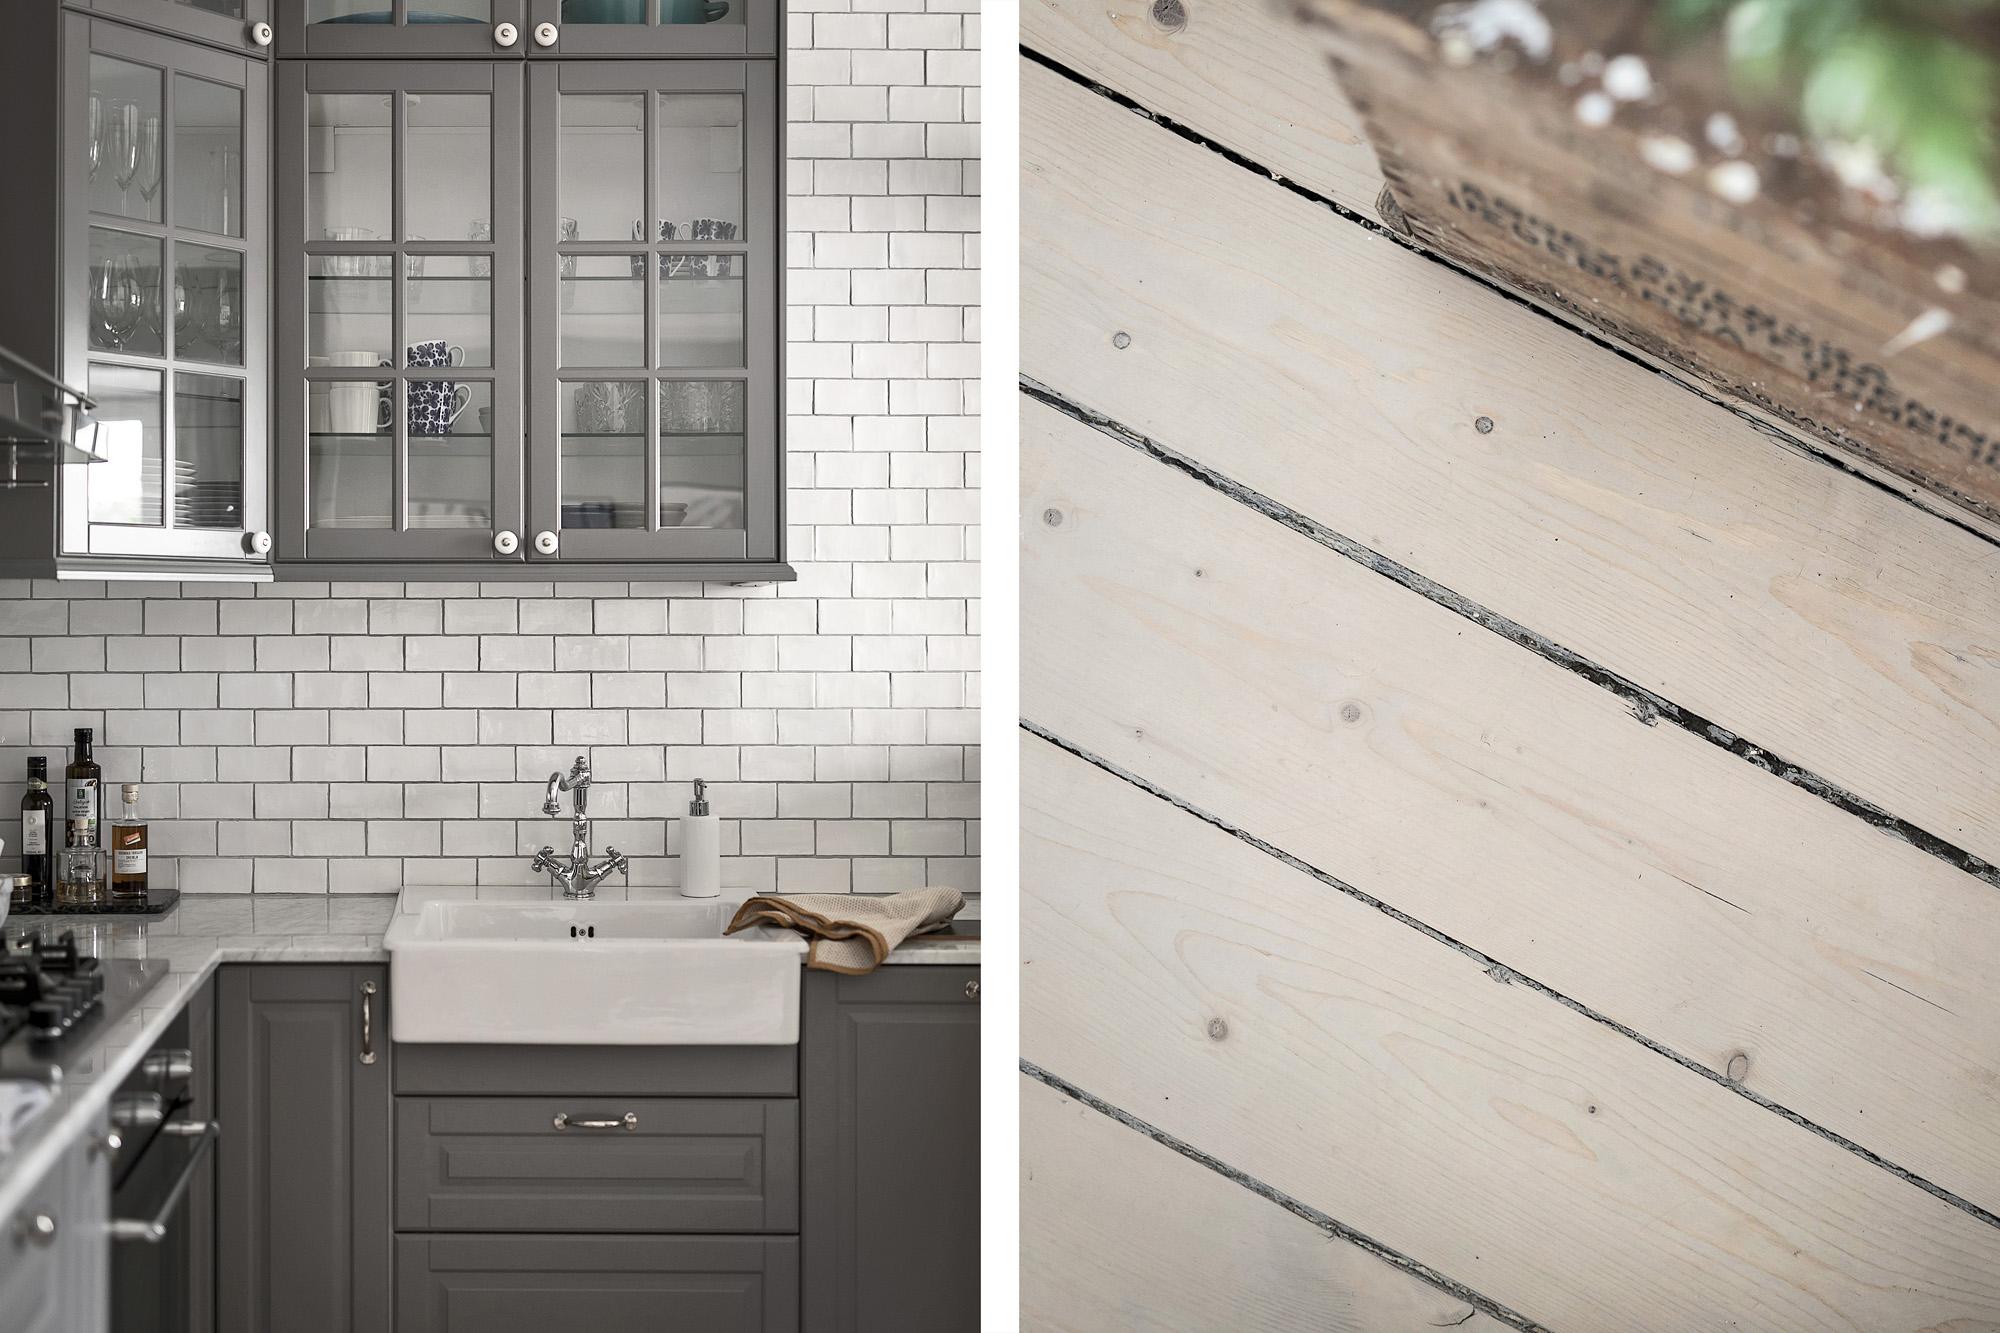 кухня мойка смеситель плитка кабанчик ретро деревянный пол